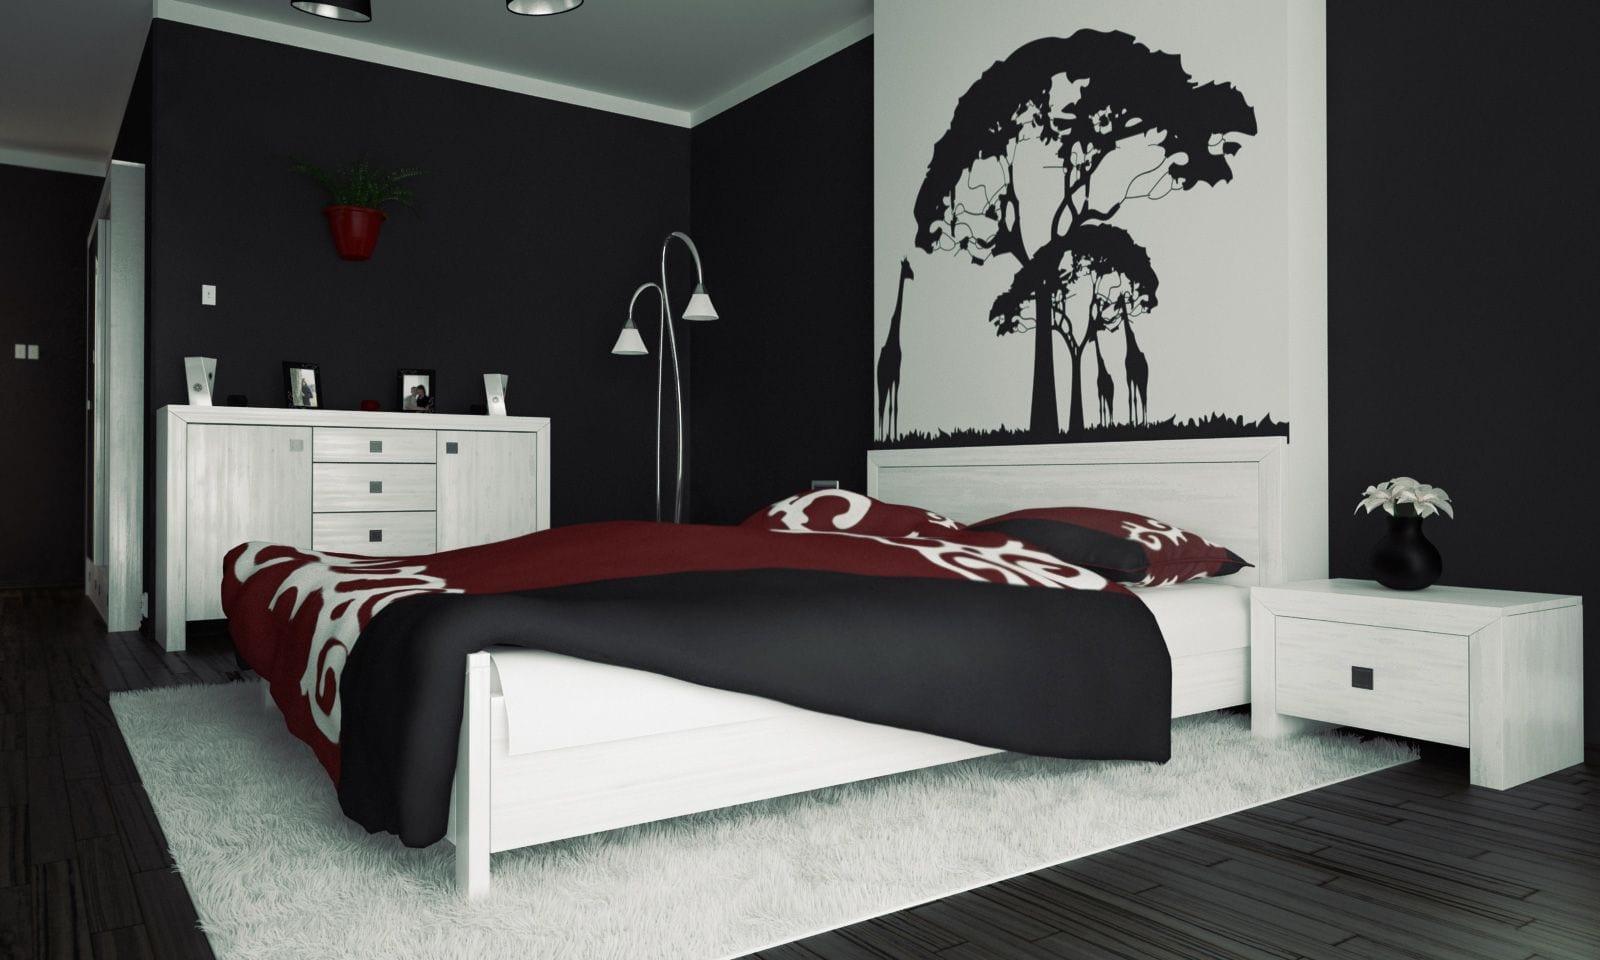 moderne schlafzimmer ideen mit schwarzen wänden und schwarzem holzfußboden